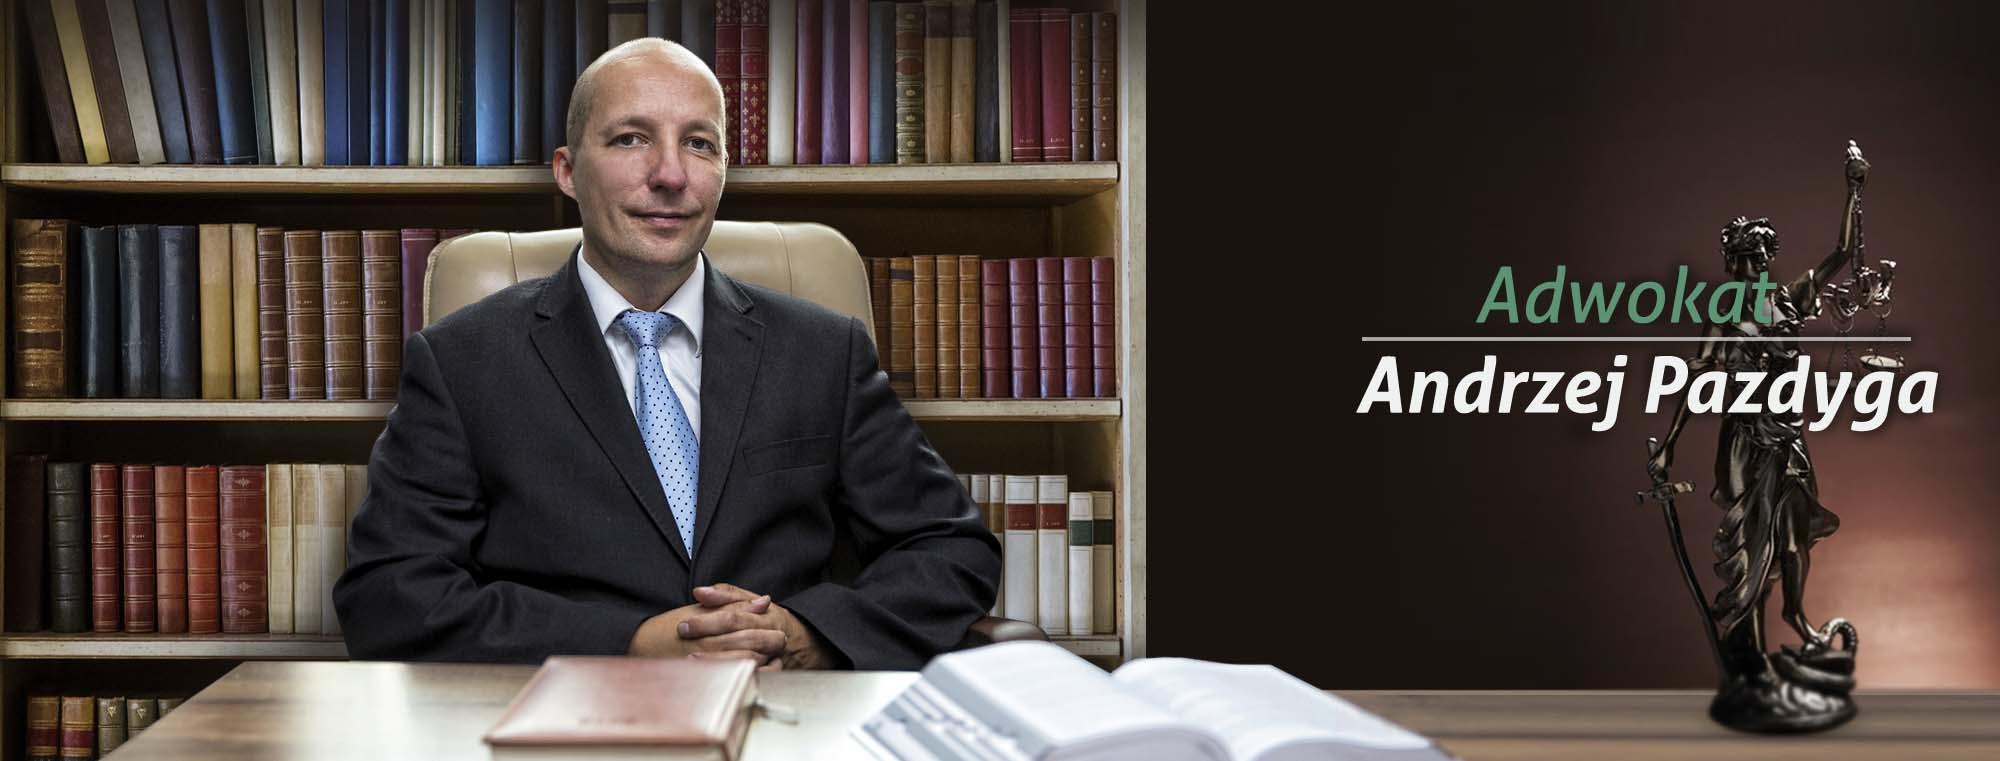 Adwokat Andrzej Pazdyga – Kancelaria Adwokacka Toruń